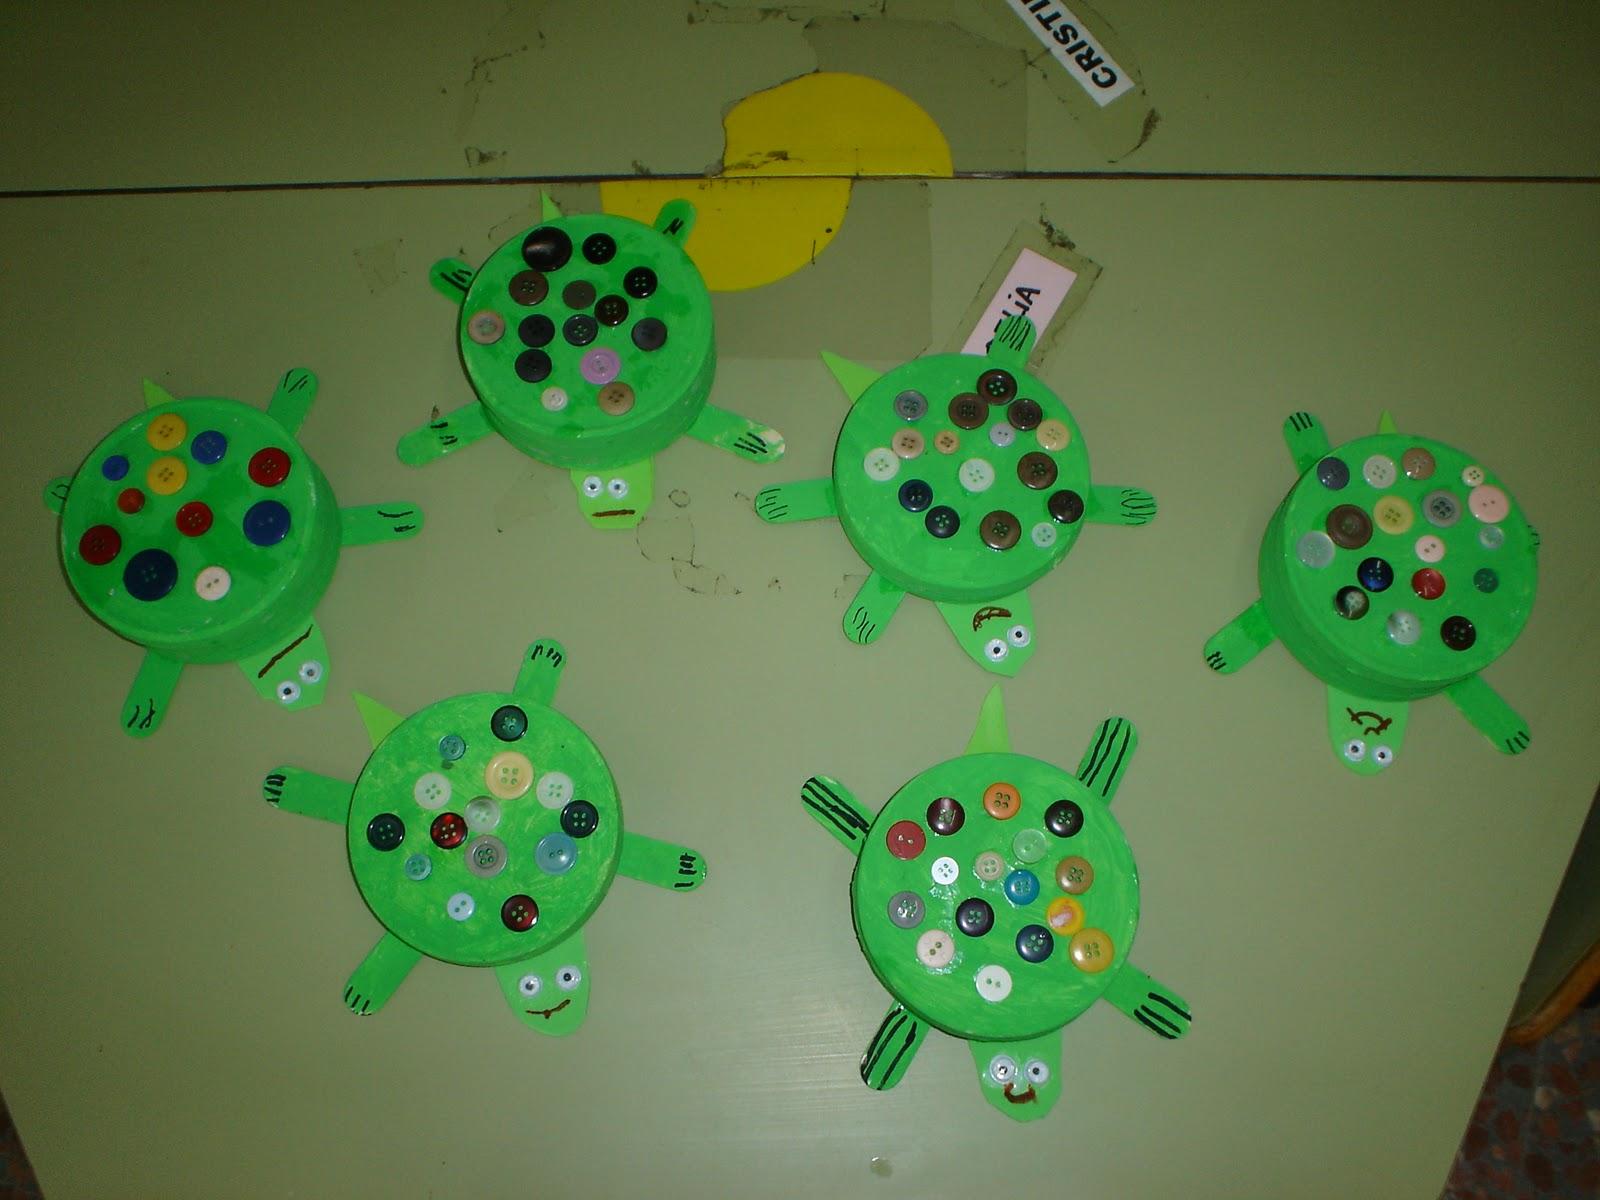 Manualidades para ni os tortuga con botones - Manualidades para ninos videos ...